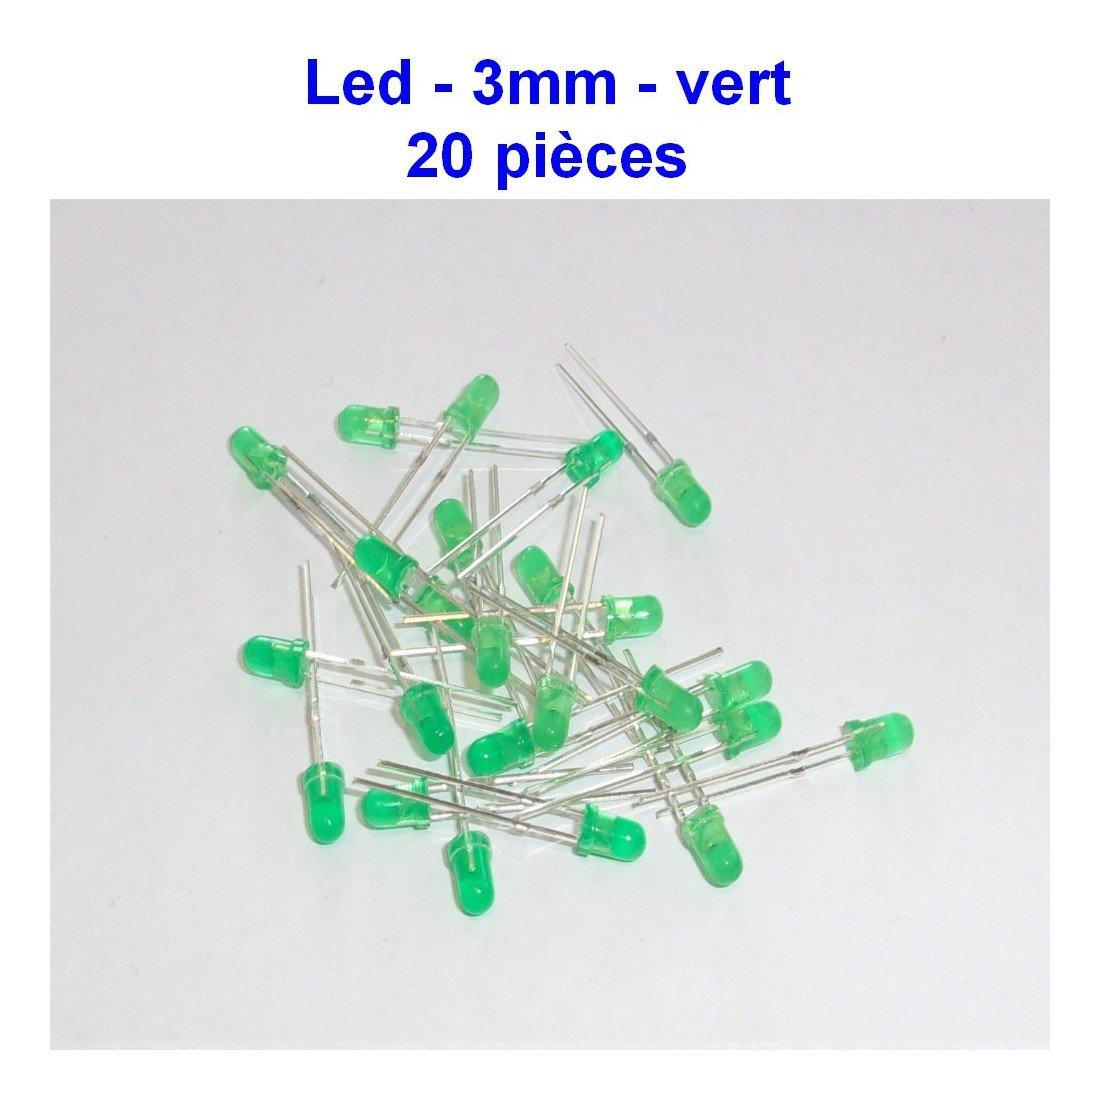 3.2v 35led009 20mA 20x LED vert 3mm green led diode